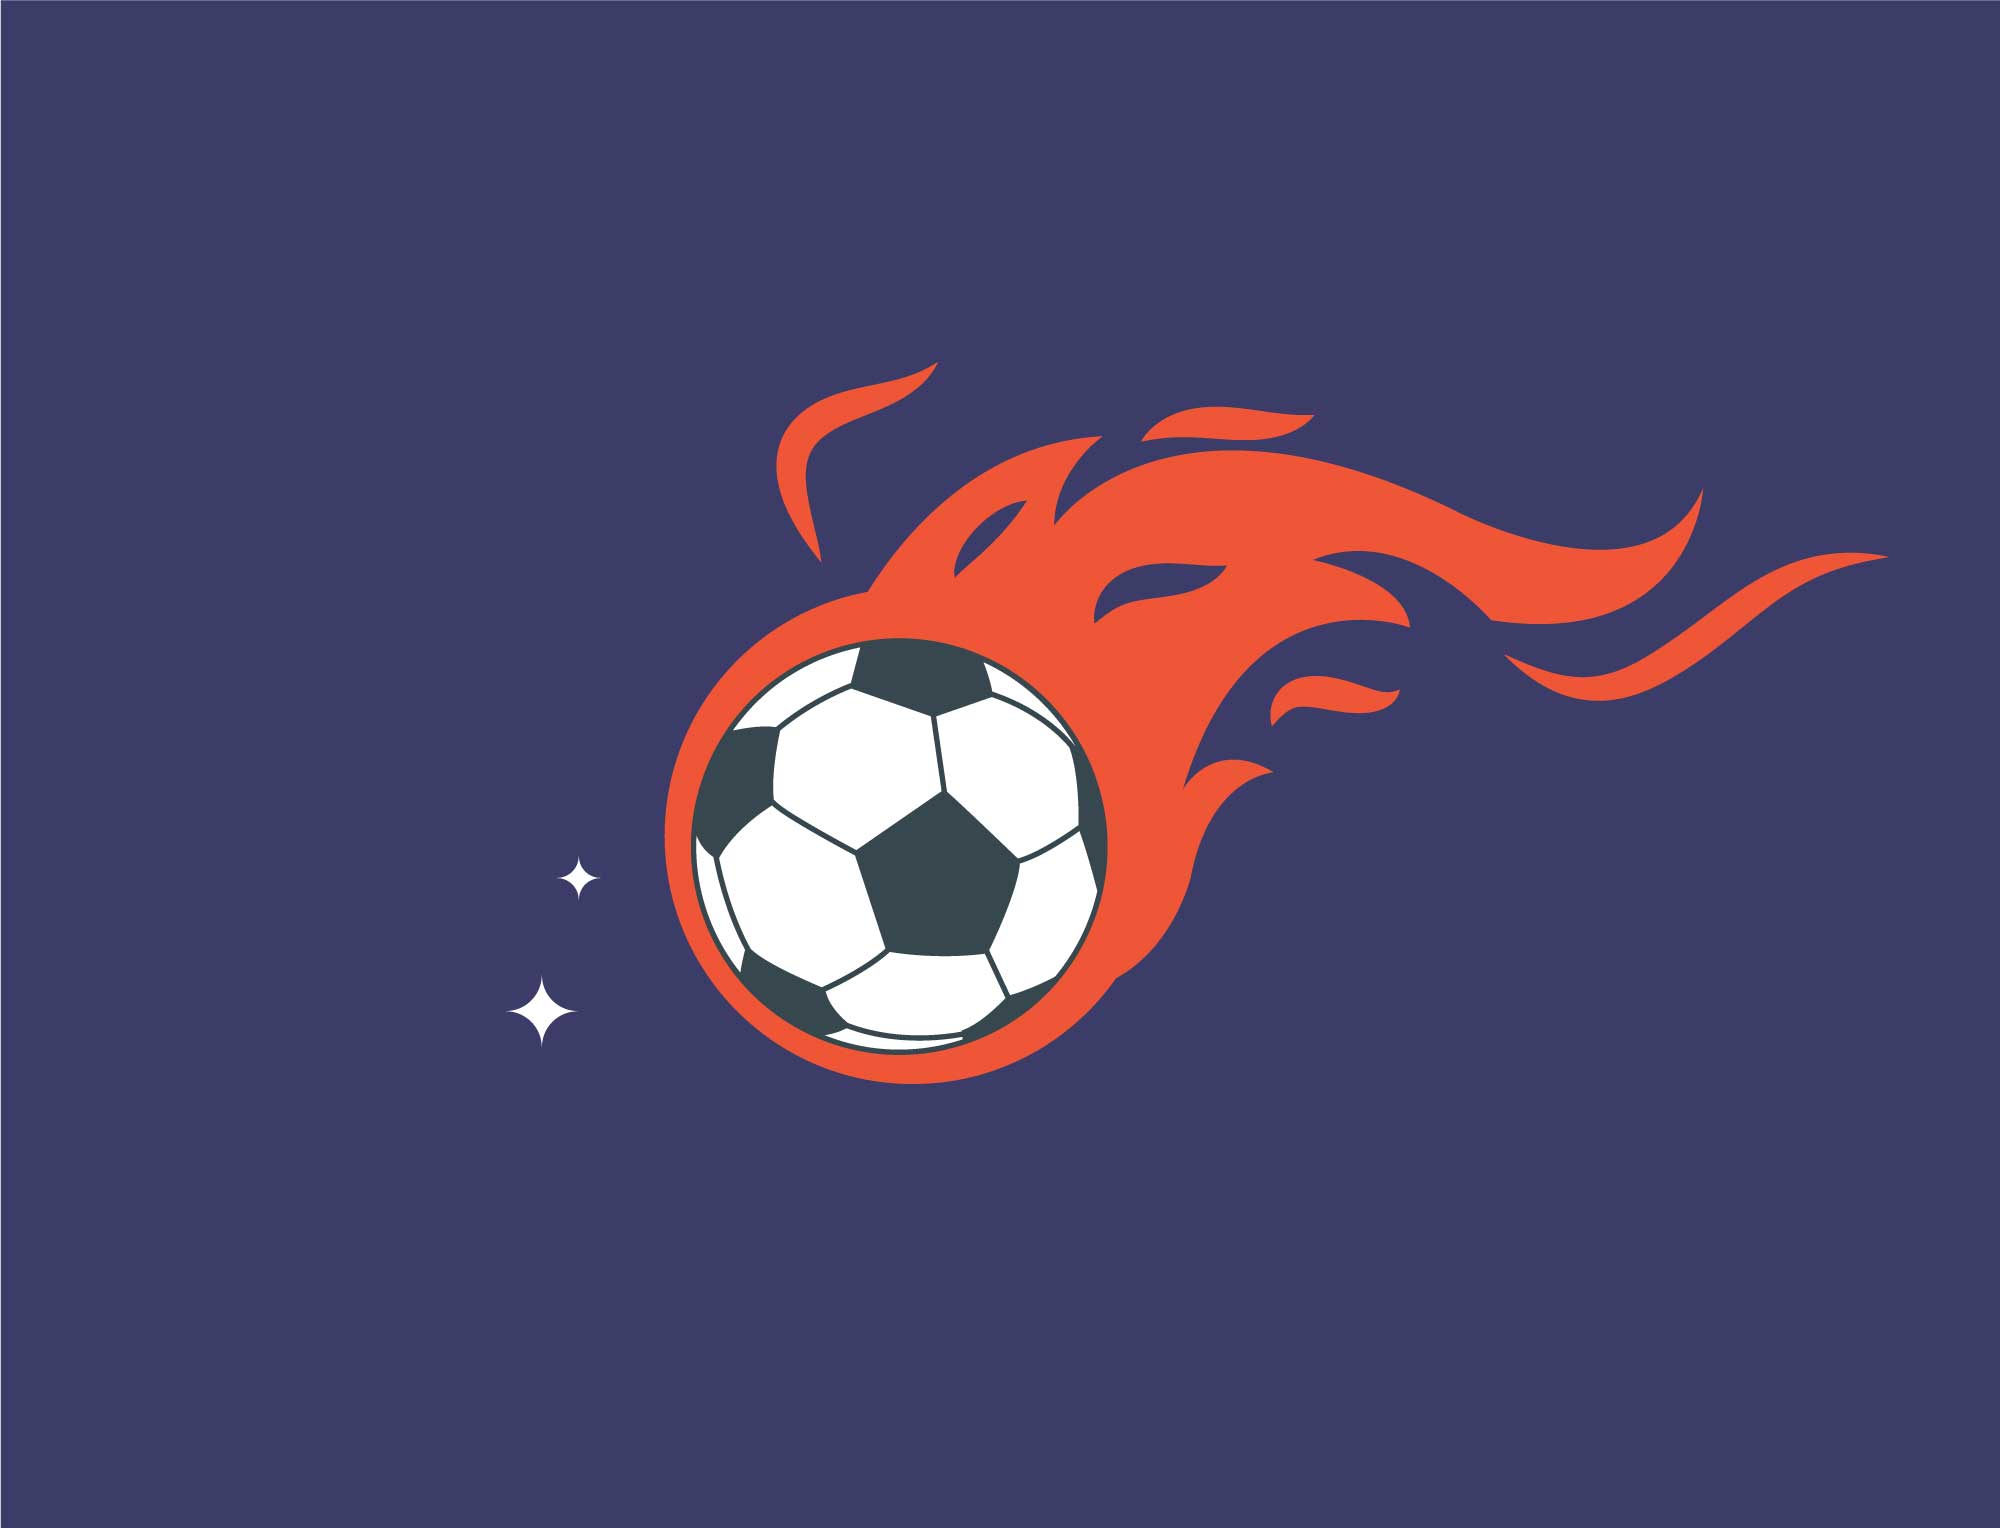 Бизнес план футбольной школы, бизнес детская футбольная школа, футбольная школа как бизнес, образец бизнес плана футбольной школы